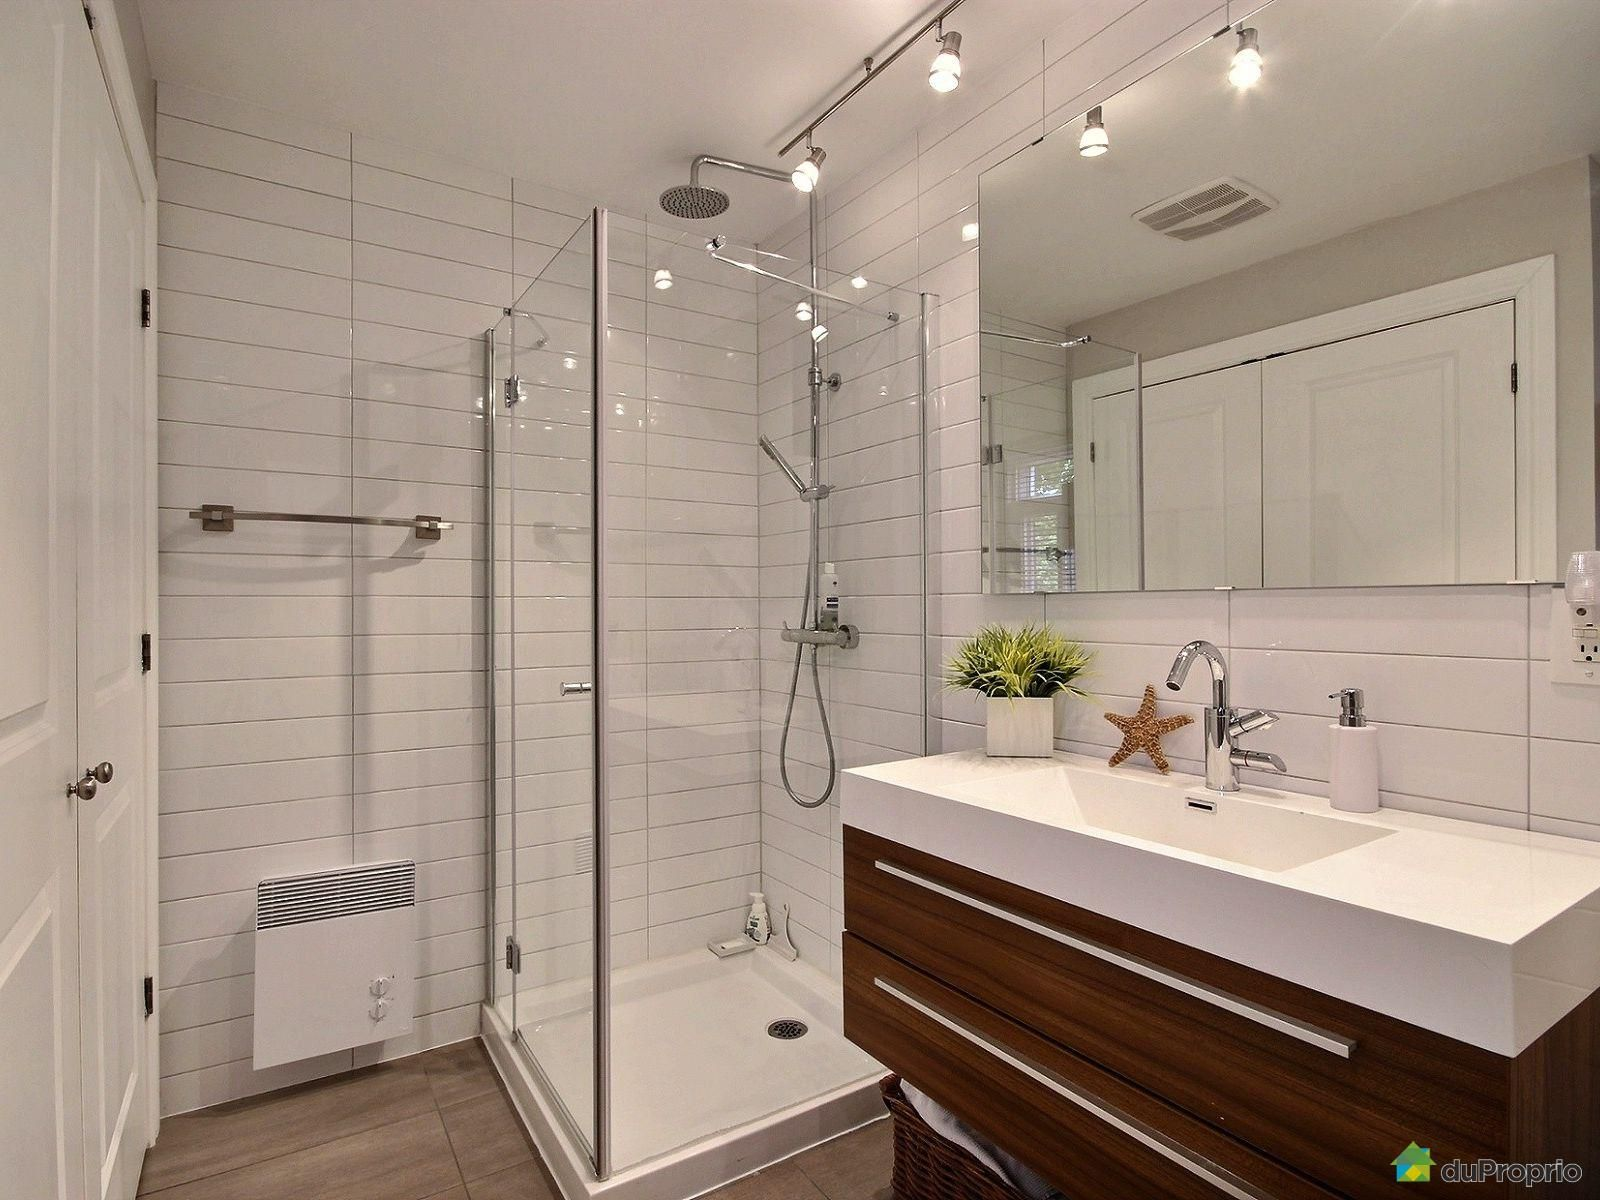 salle de bain parfaite tr s belle salle de bain moderne. Black Bedroom Furniture Sets. Home Design Ideas